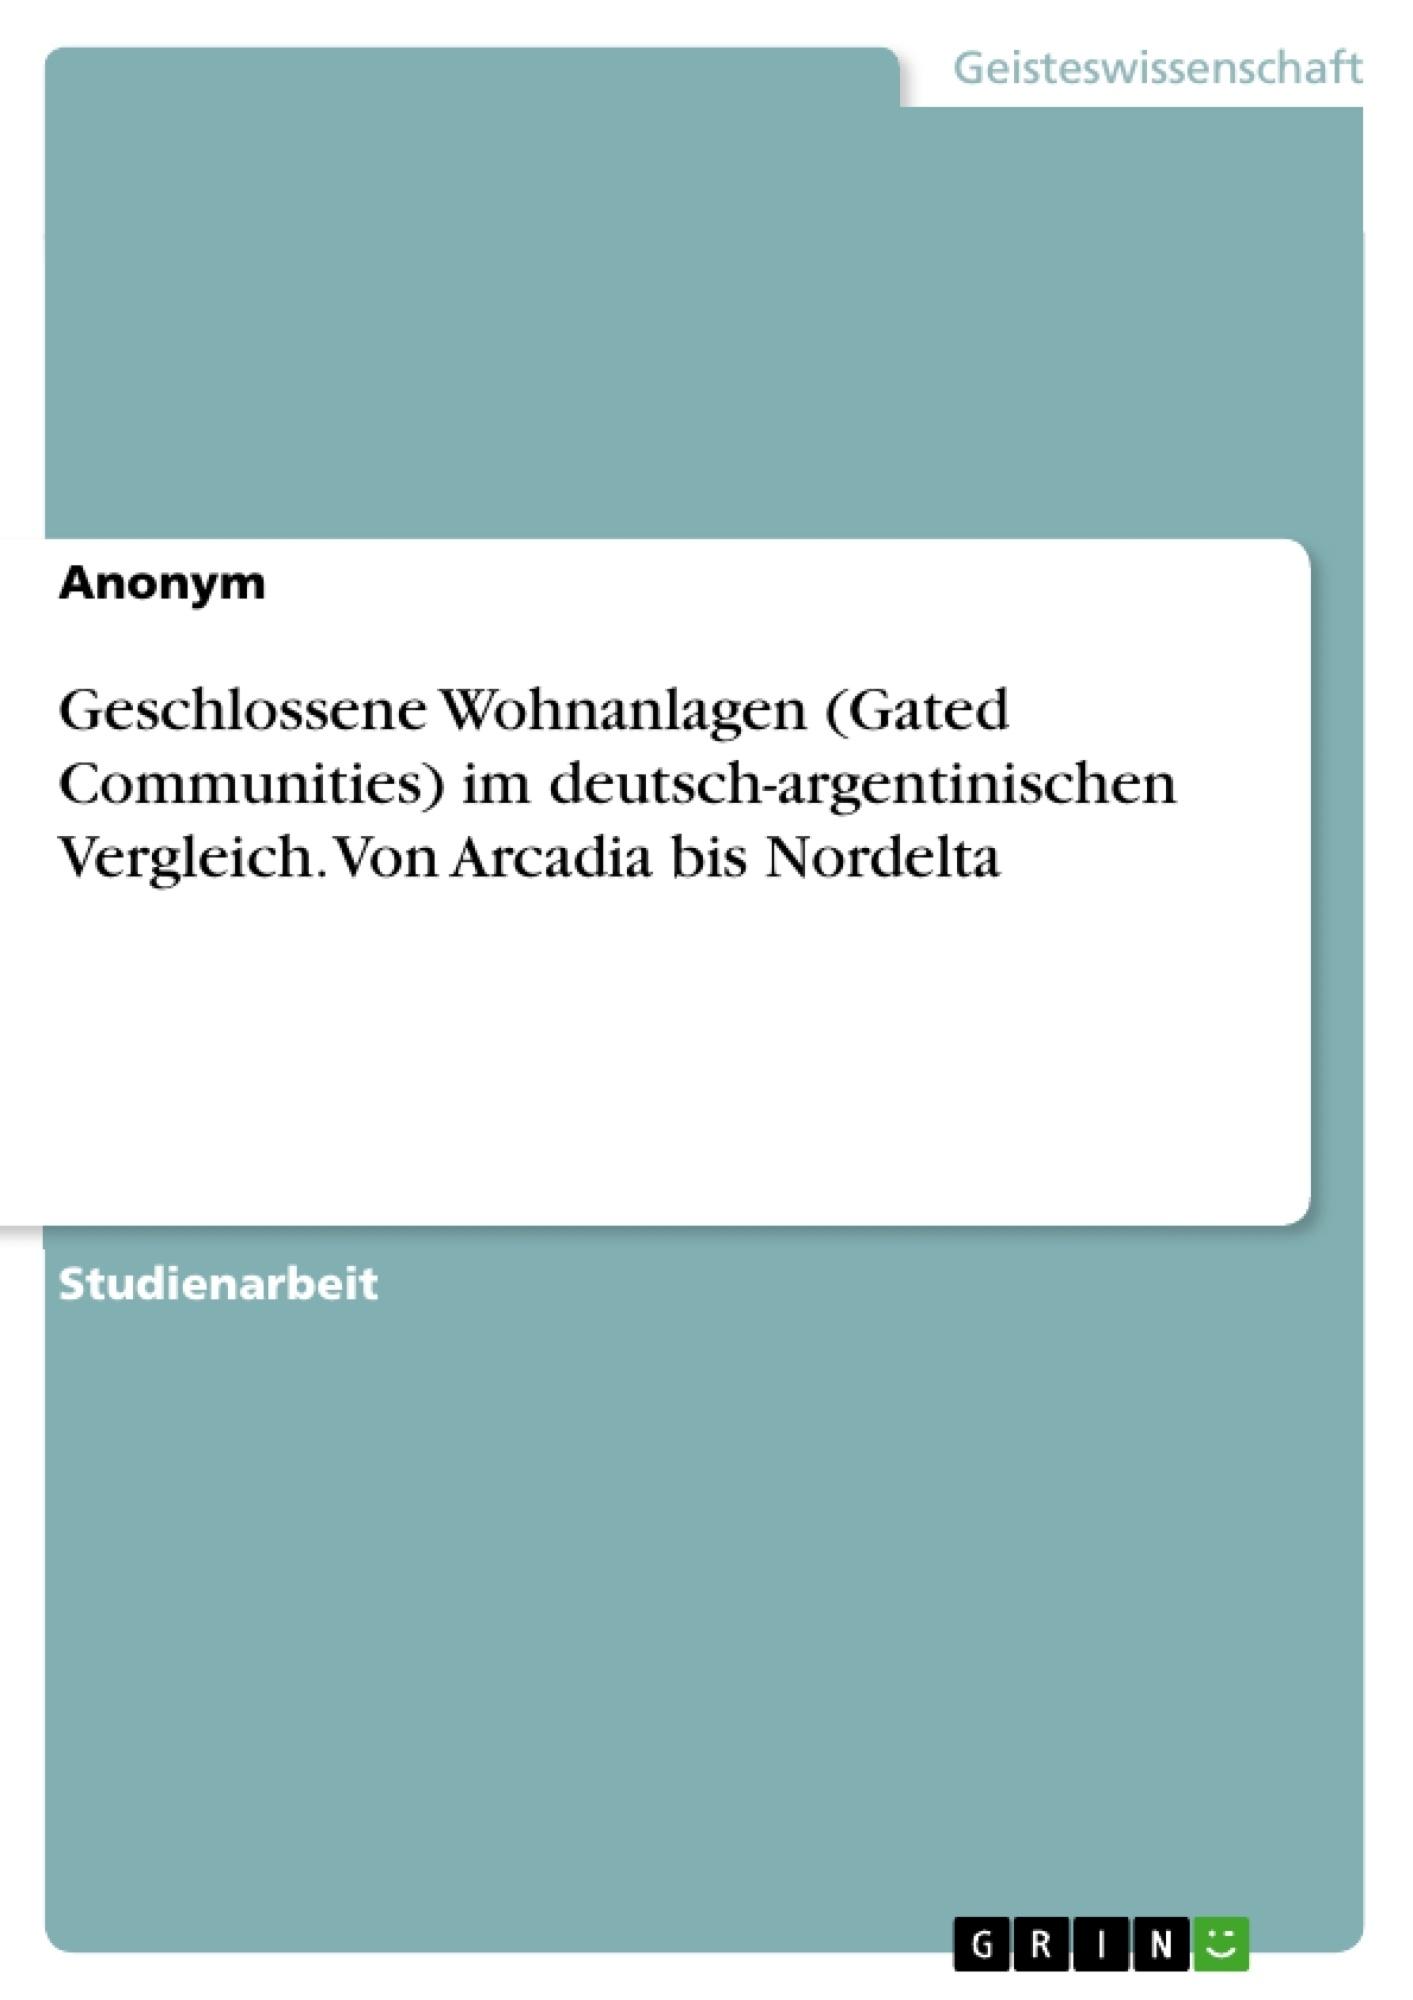 Titel: Geschlossene Wohnanlagen (Gated Communities) im deutsch-argentinischen Vergleich. Von Arcadia bis Nordelta